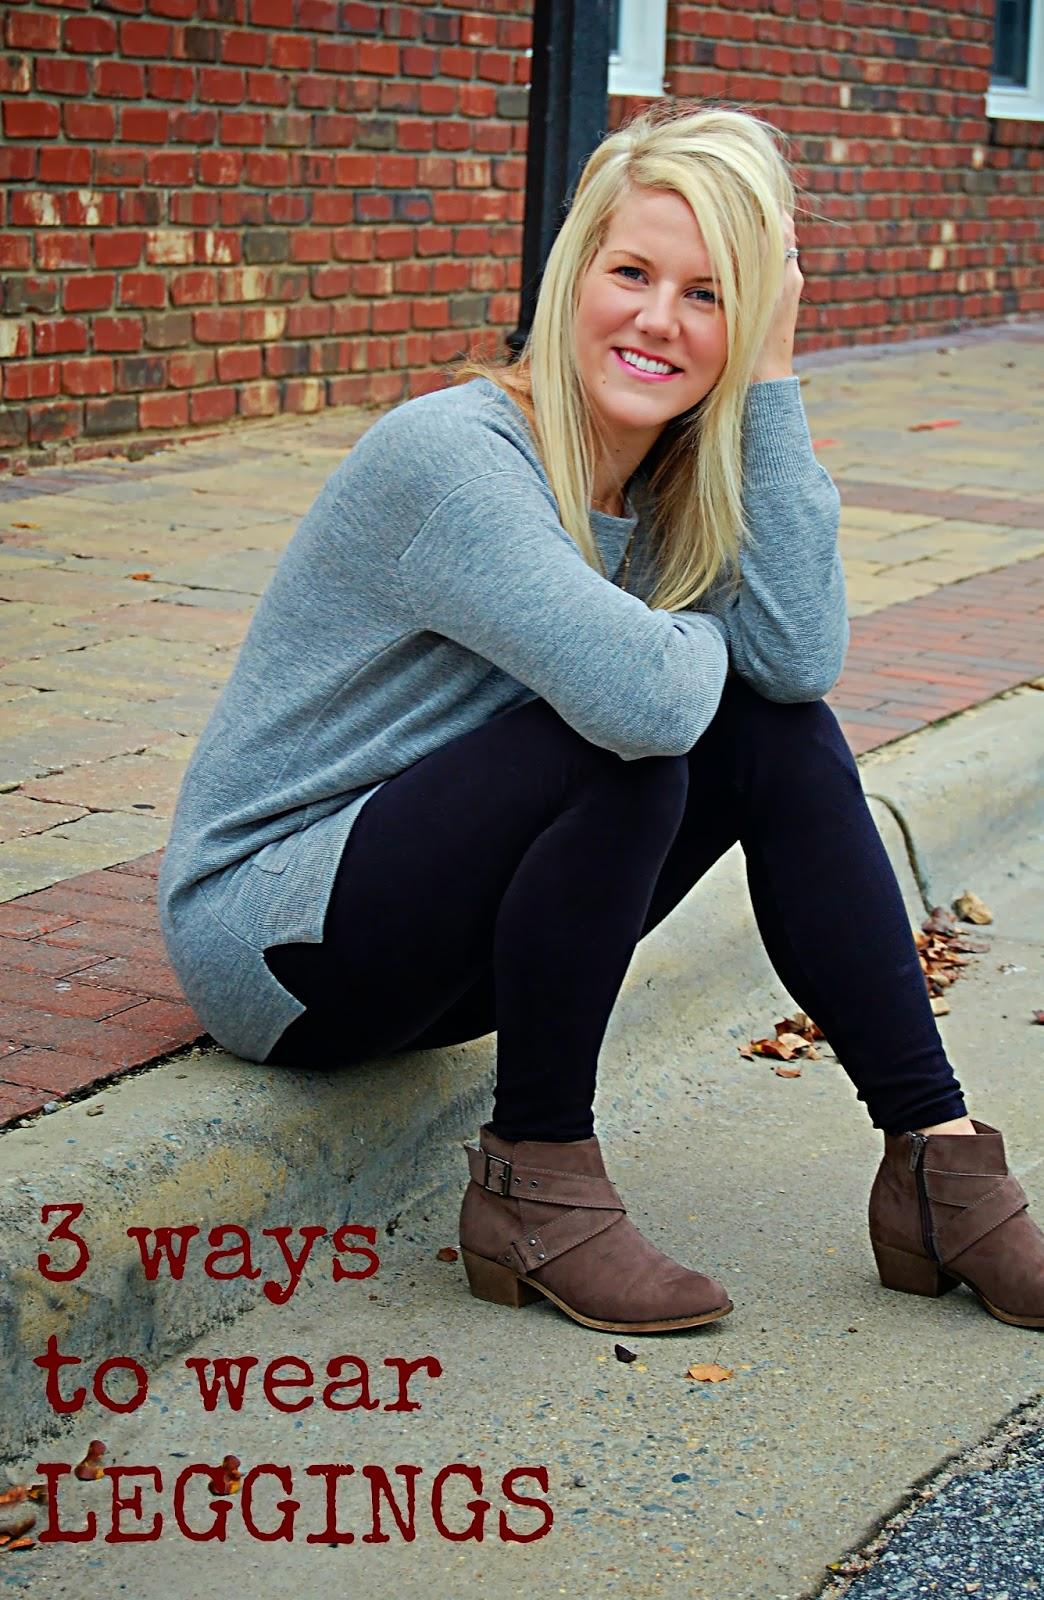 3 Ways to Wear Leggings